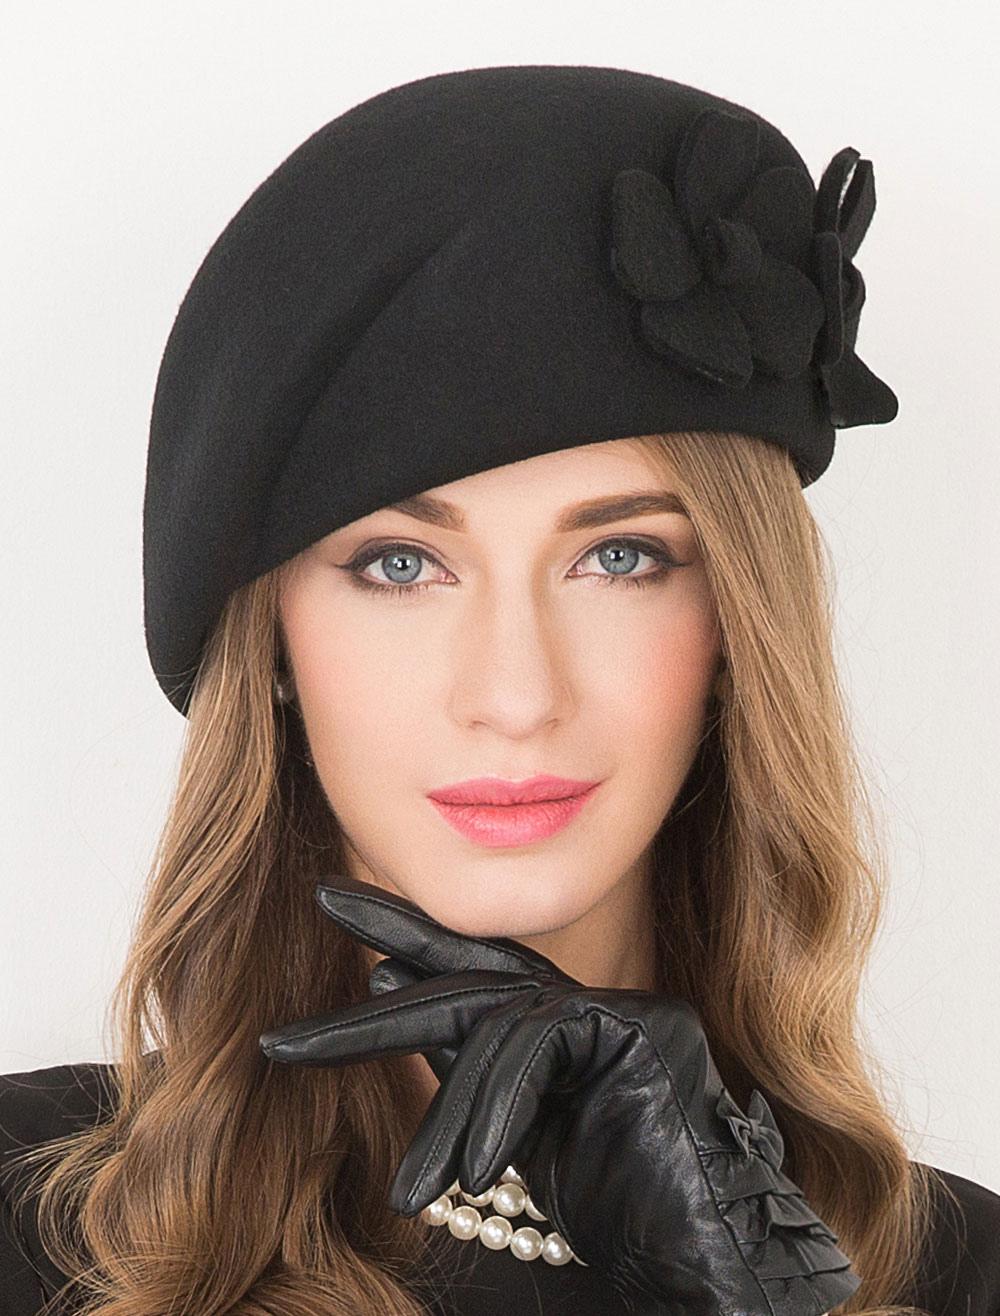 Berretto nero lana fiori eleganti Flapper Costume Cappello donna  Carnevale-No.1 ... 294d28b861c0